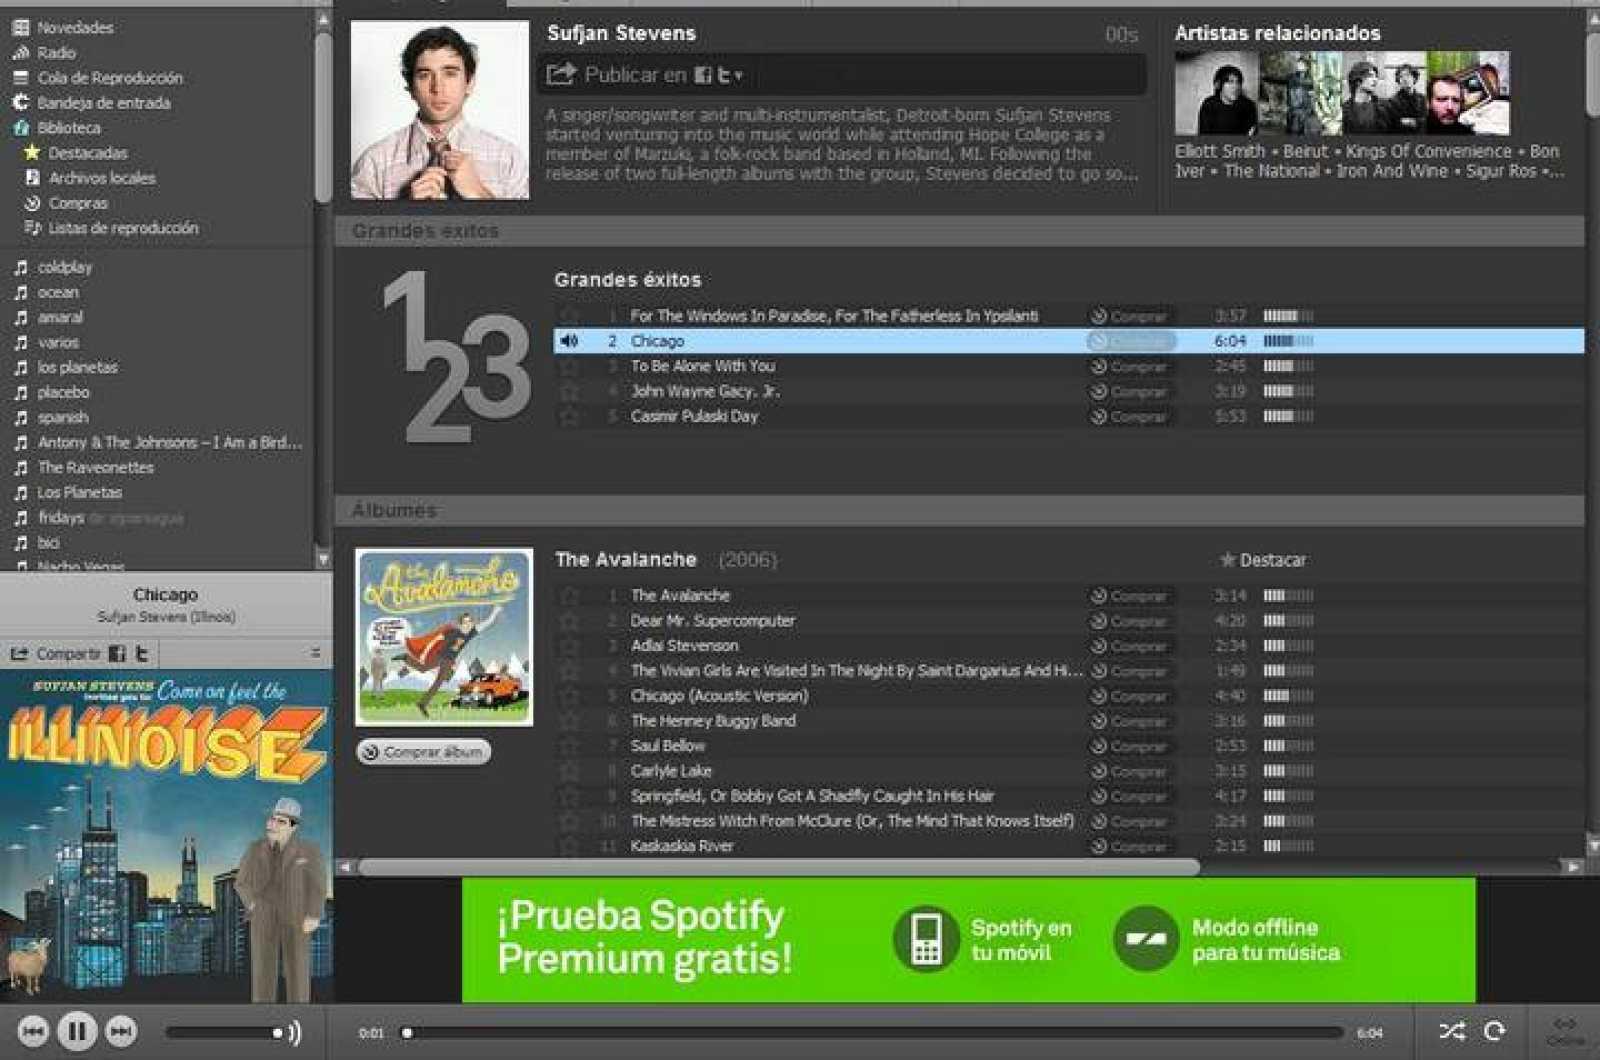 Spotify cuenta con 2 millones de usuarios de pago